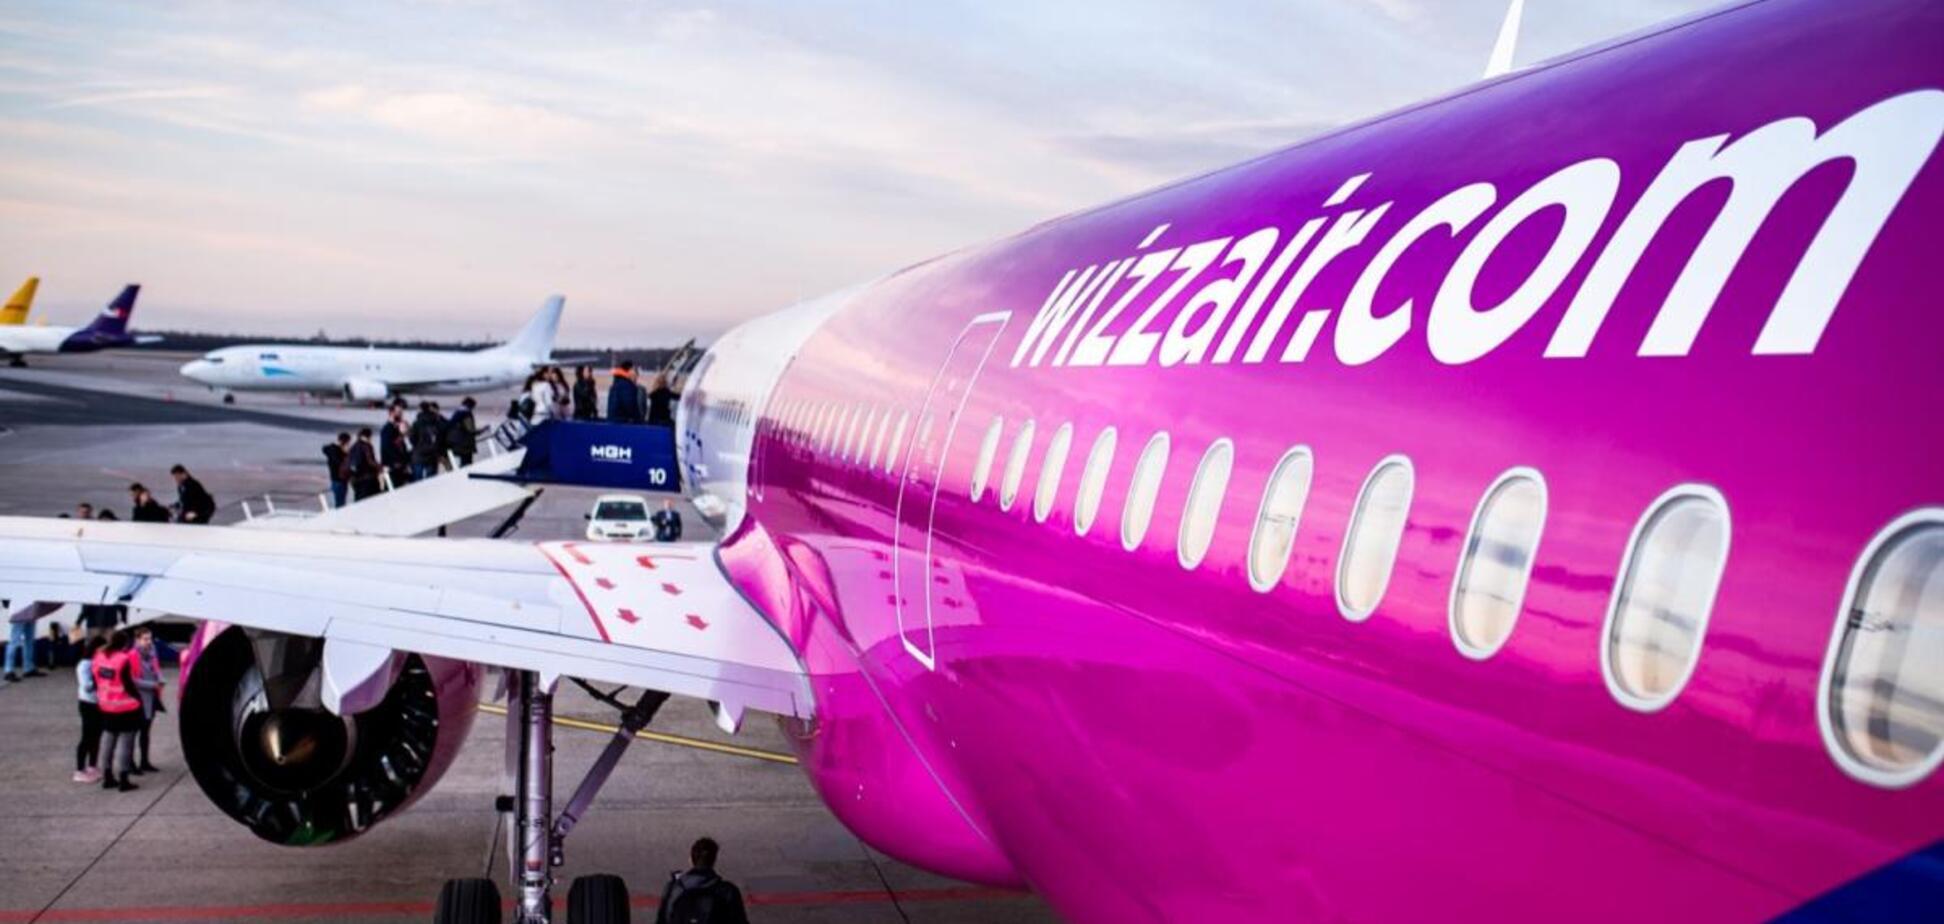 Кризис ударил по Wizz Air: авиакомпания вынуждена сократить 19% персонала